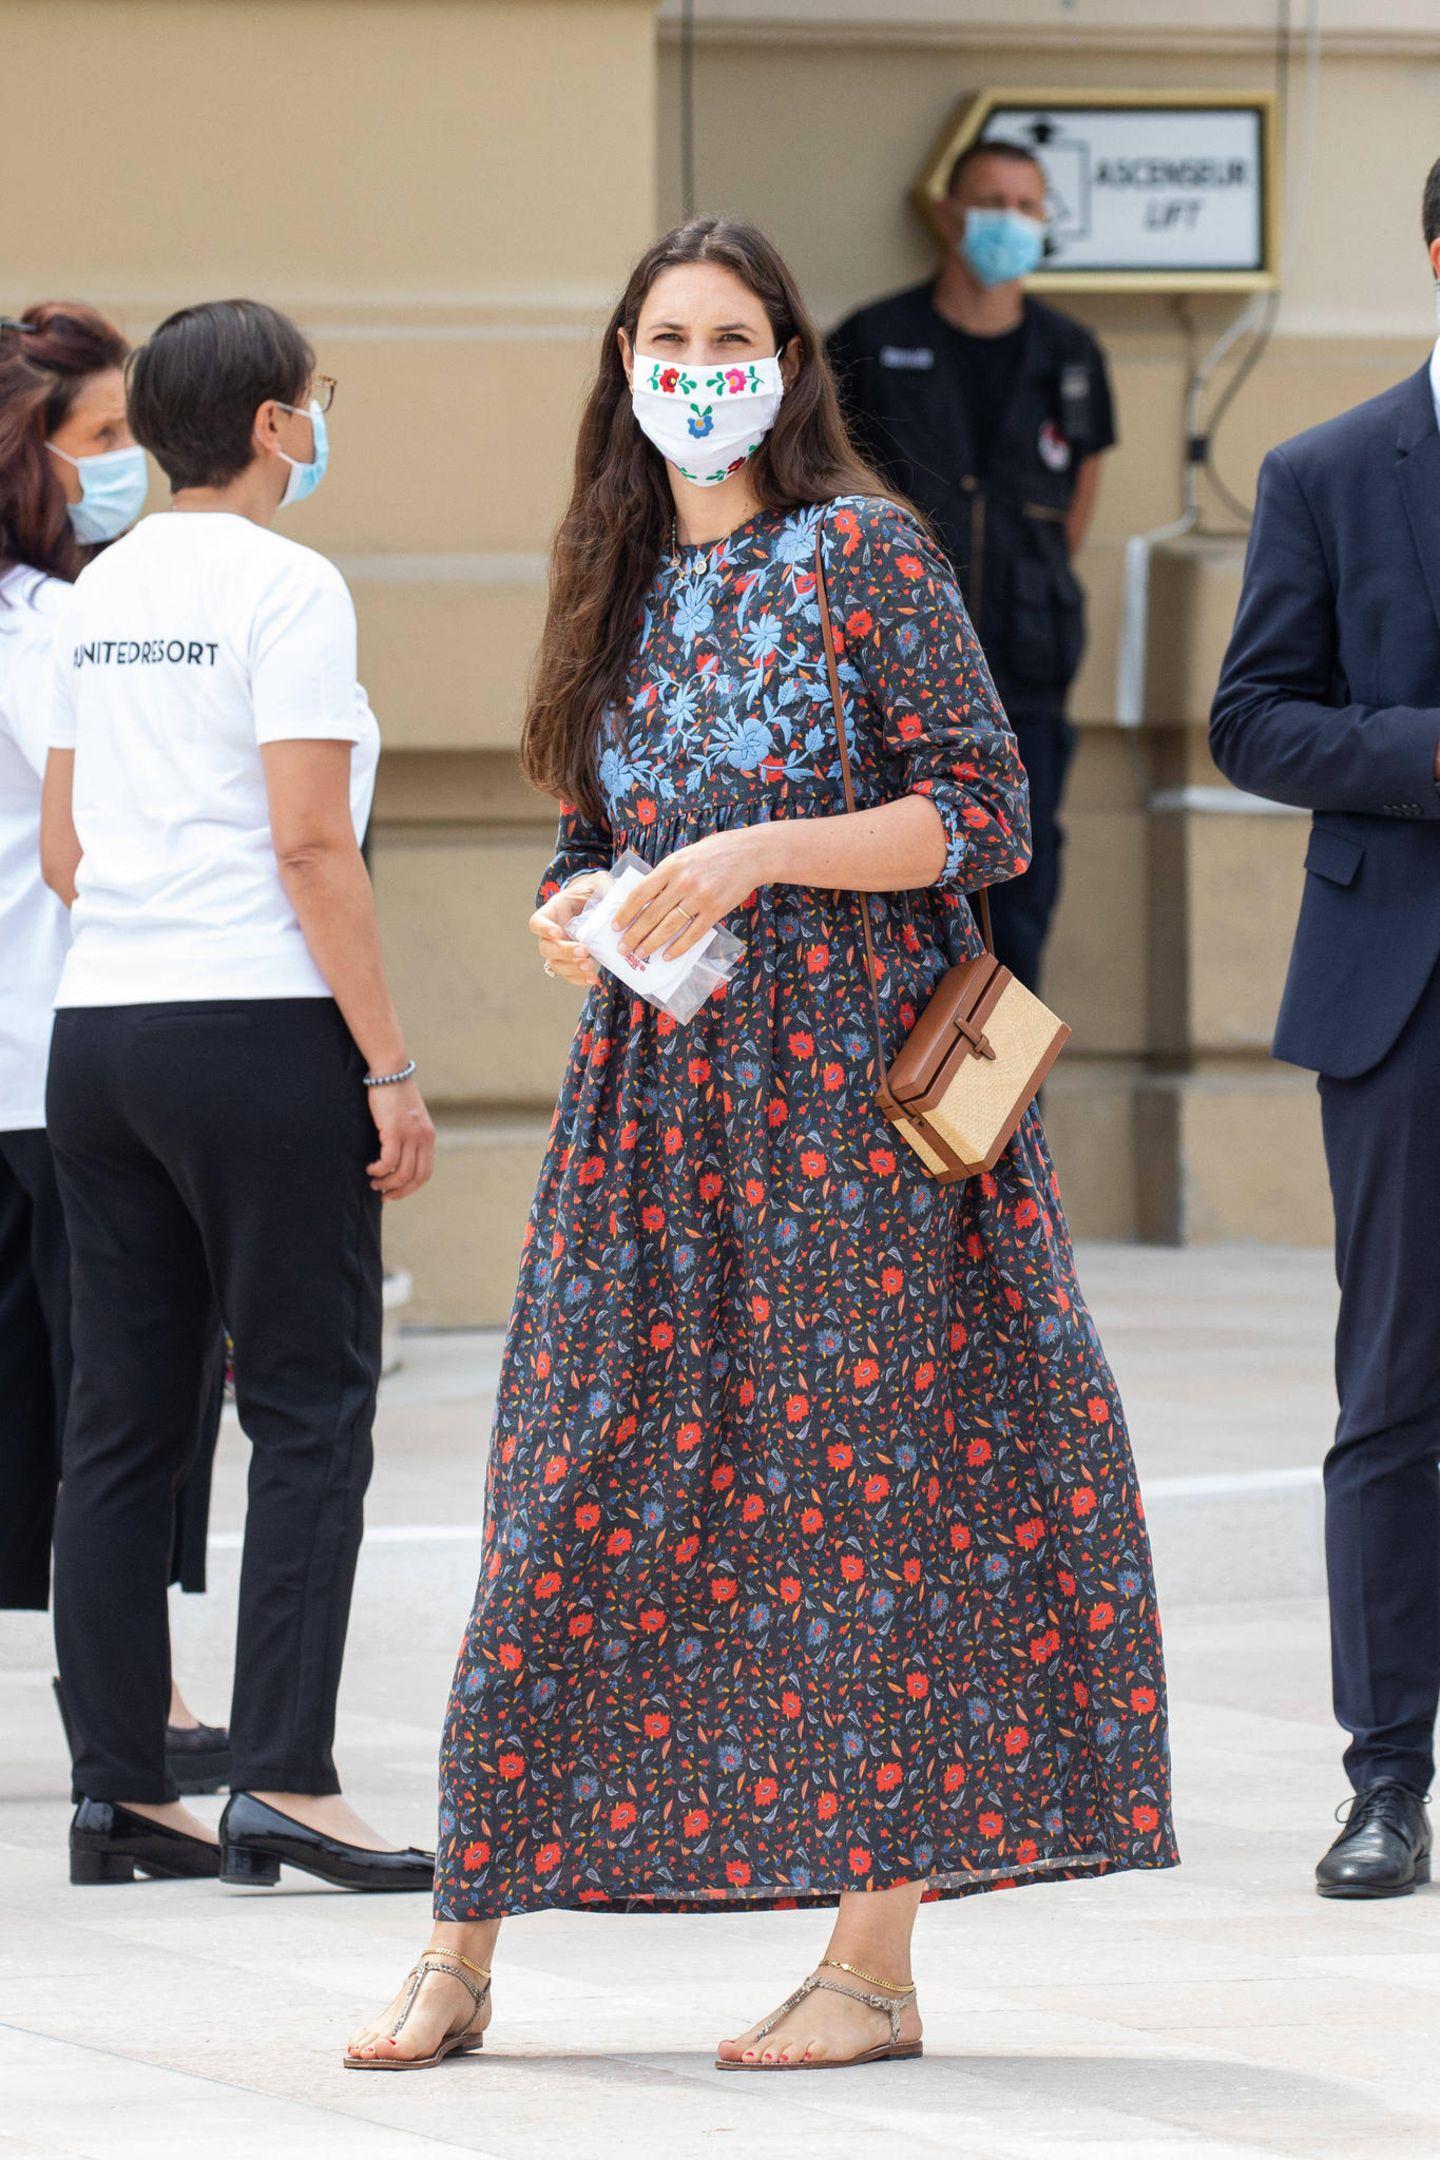 """Auch Tatiana Santo Domingo trägt ein Kleid ihres eigenen Labels """"Muzungu Sisters"""". Das Leinen-Dress wurde von Frauen in Indien bestickt und ist perfekt für einen lauen Sommertag wie diesen. Dazu trägt sie Sandalen und einen Mundschutz, der ebenfalls mit Blumen bestickt ist."""